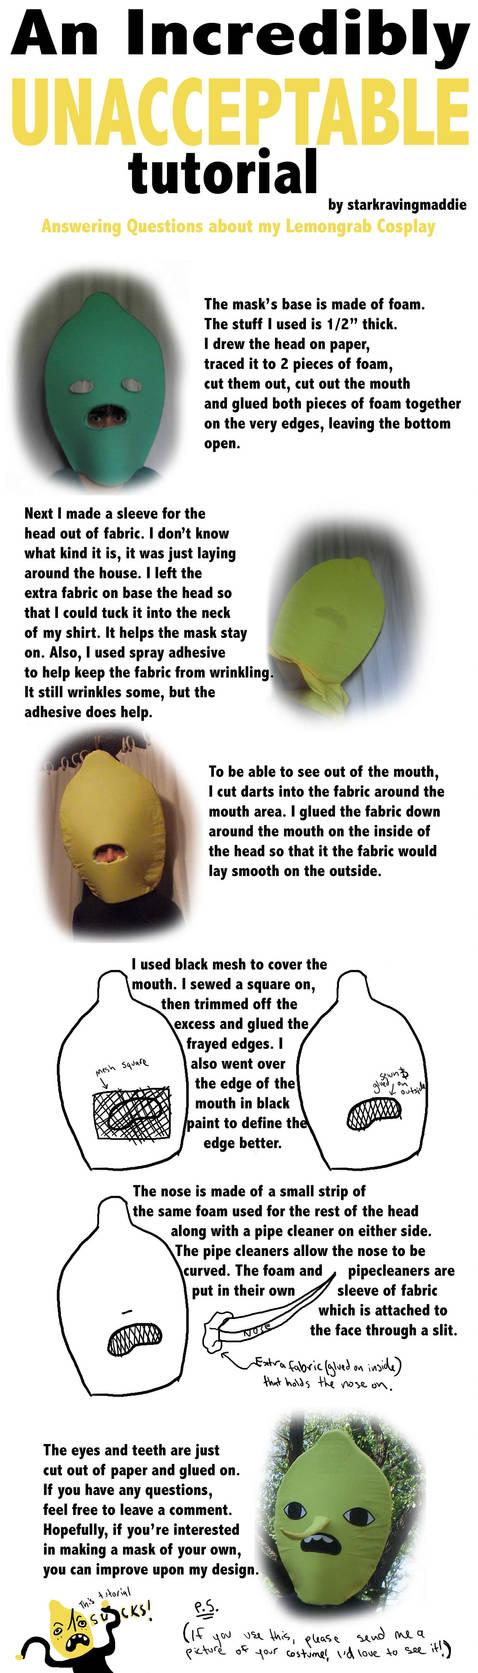 Lame Lemongrab tutorial by StarkRavingMaddie